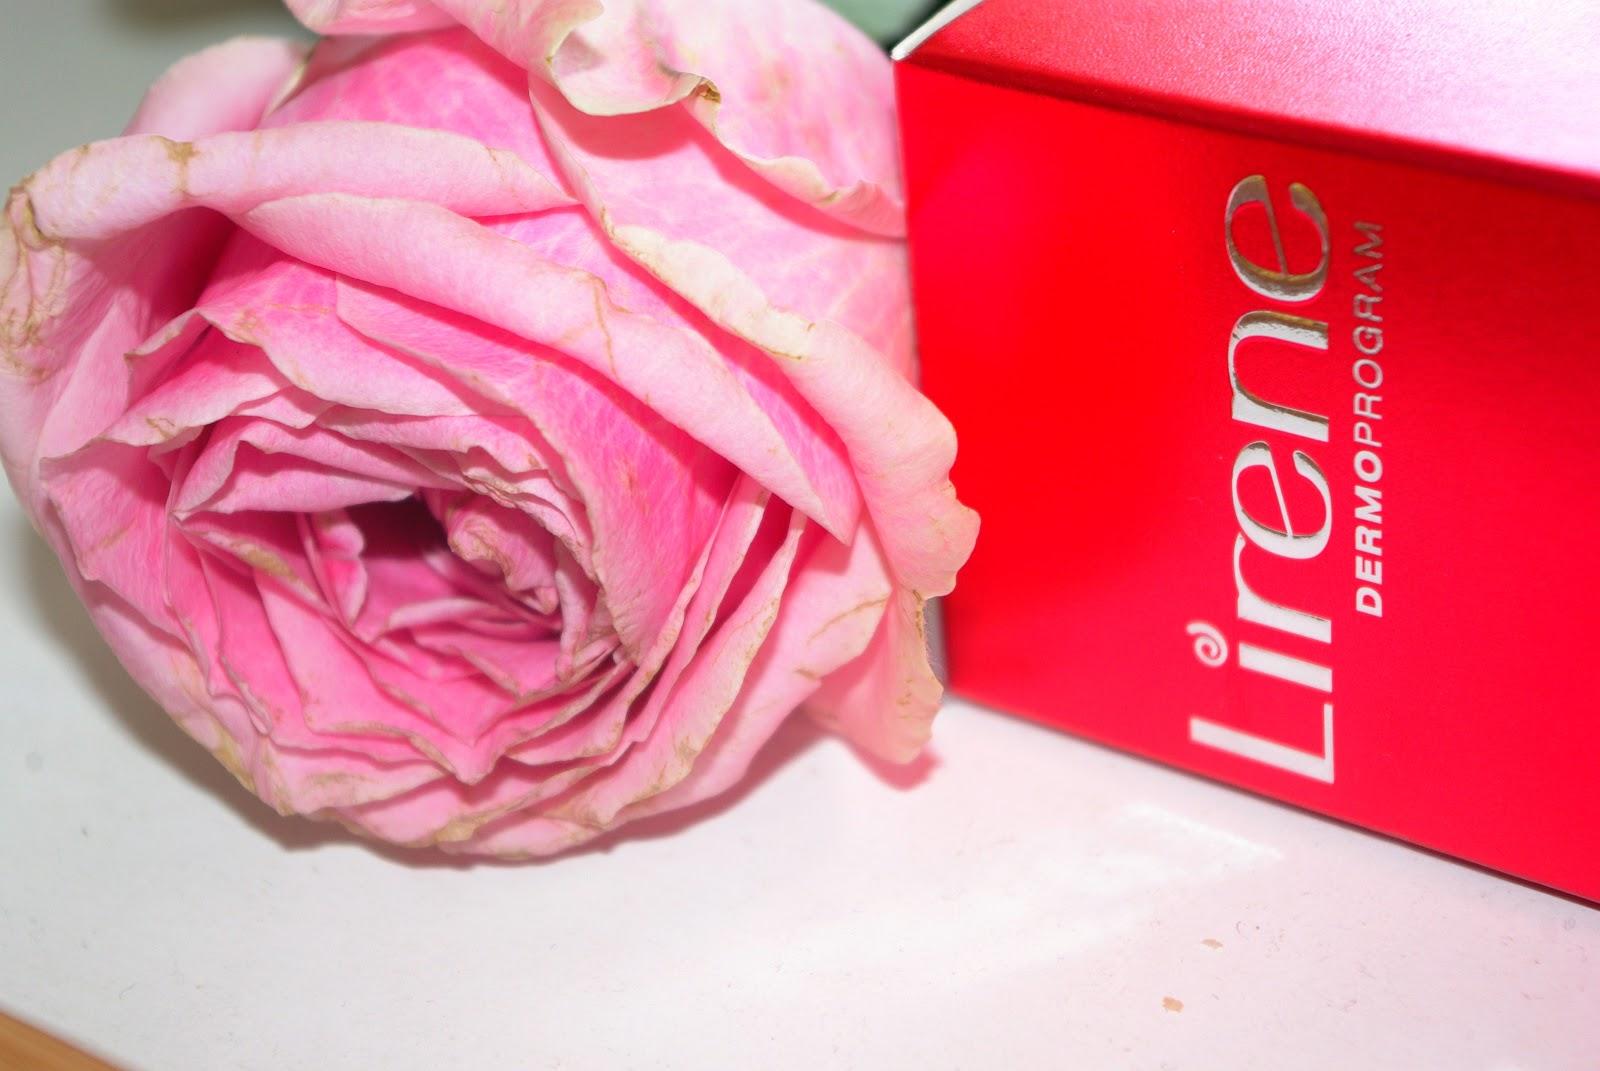 Lirene - silikonowa baza pod makijaż.